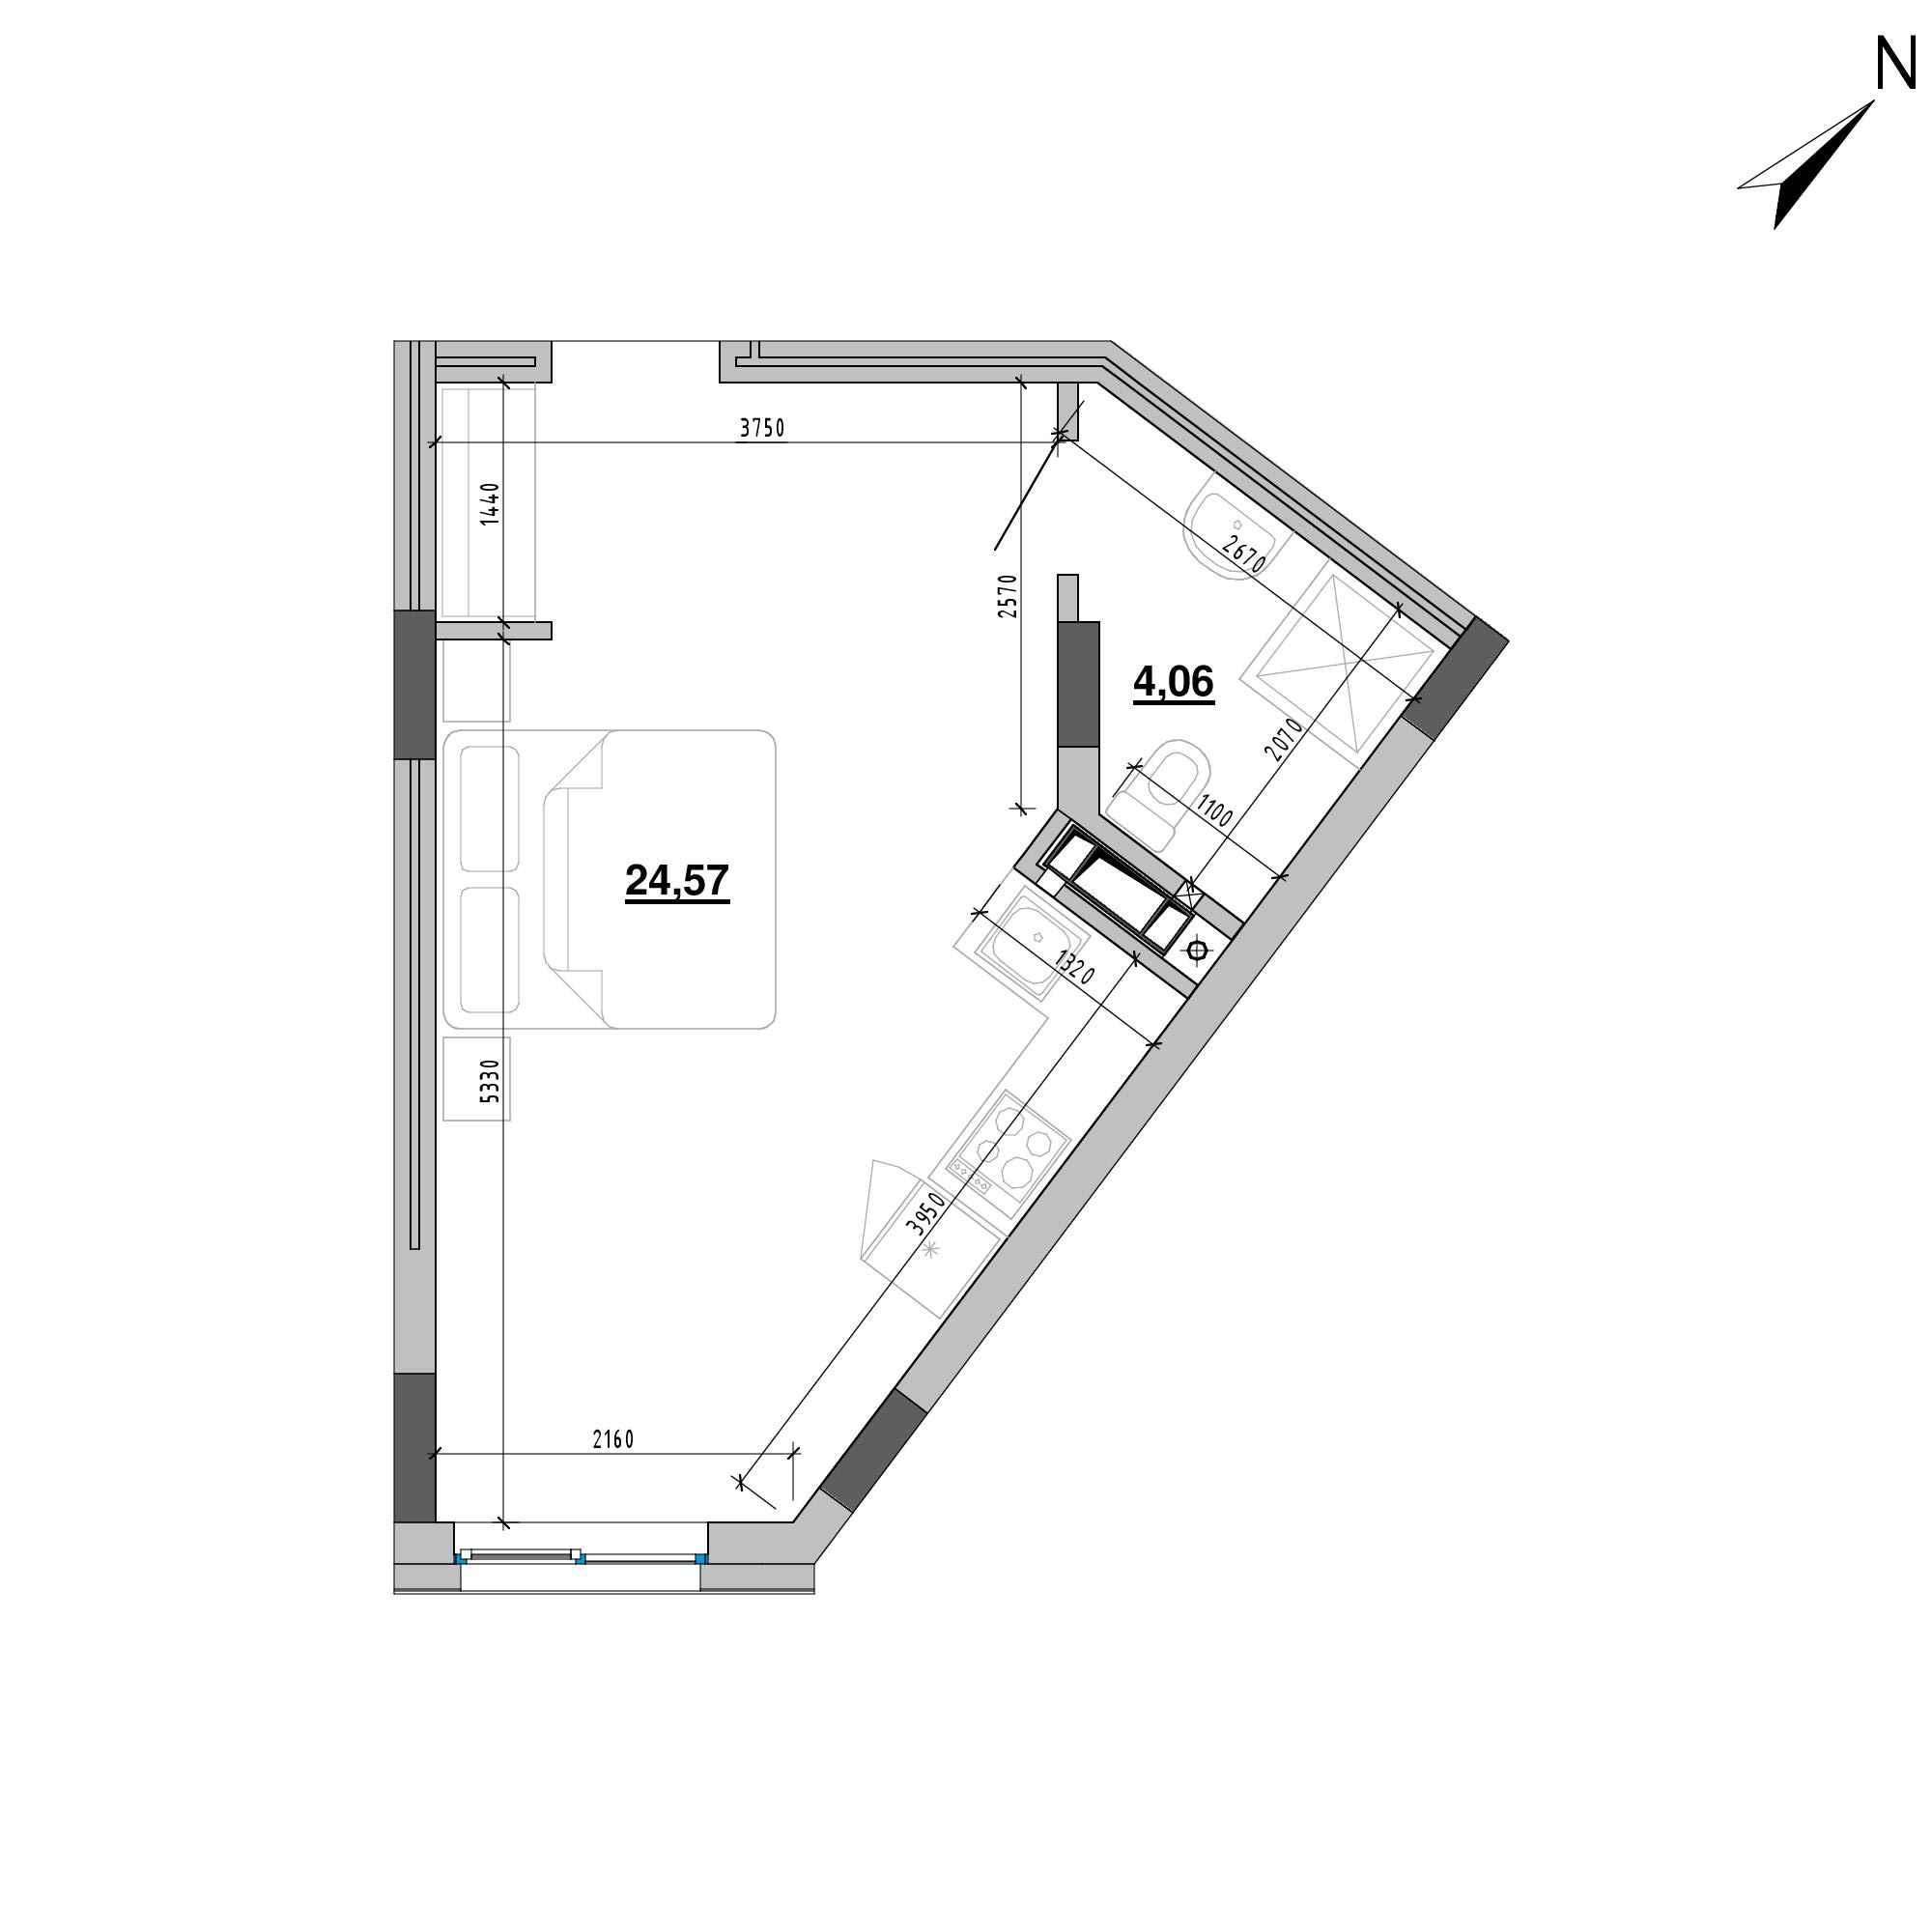 ЖК Підзамче. Новий Форт: планування 1-кімнатної квартири, №1б, 28.63 м<sup>2</sup>